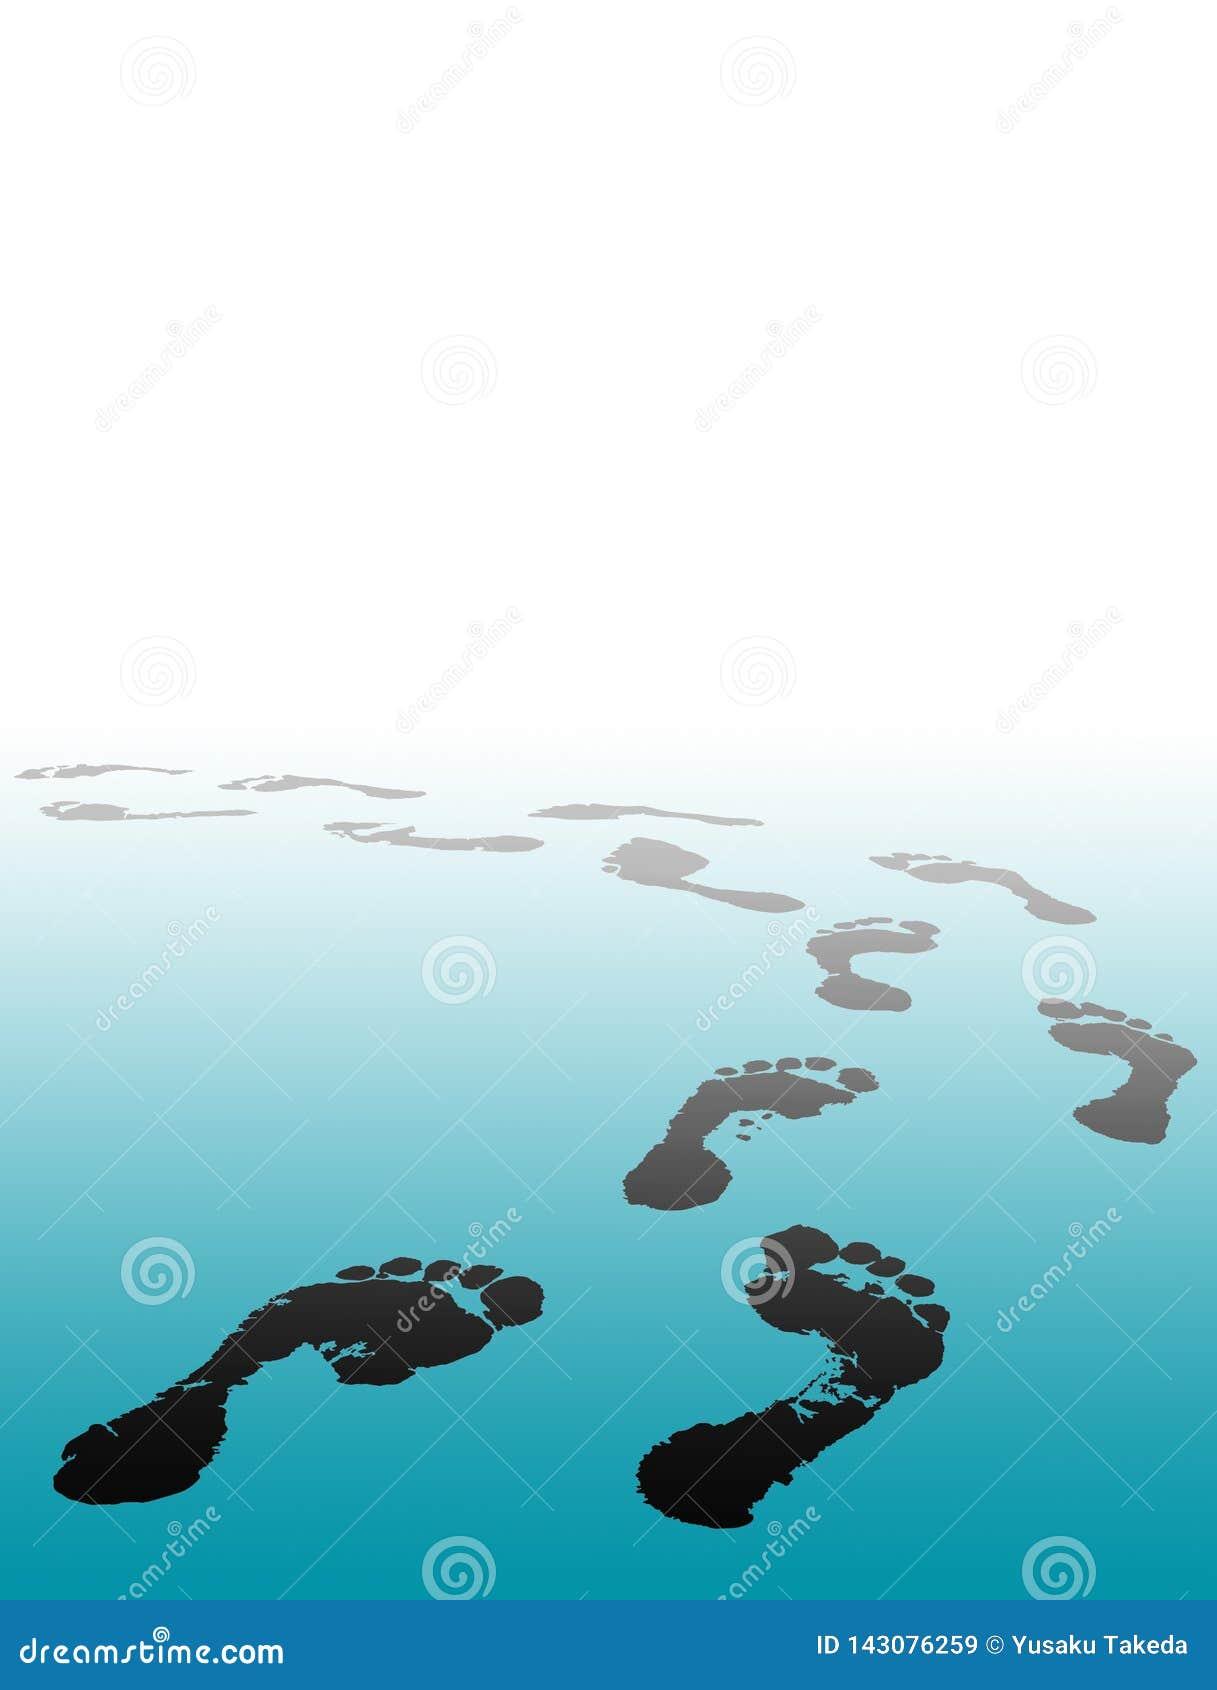 Fußdruck wählen Ihre Zukunft